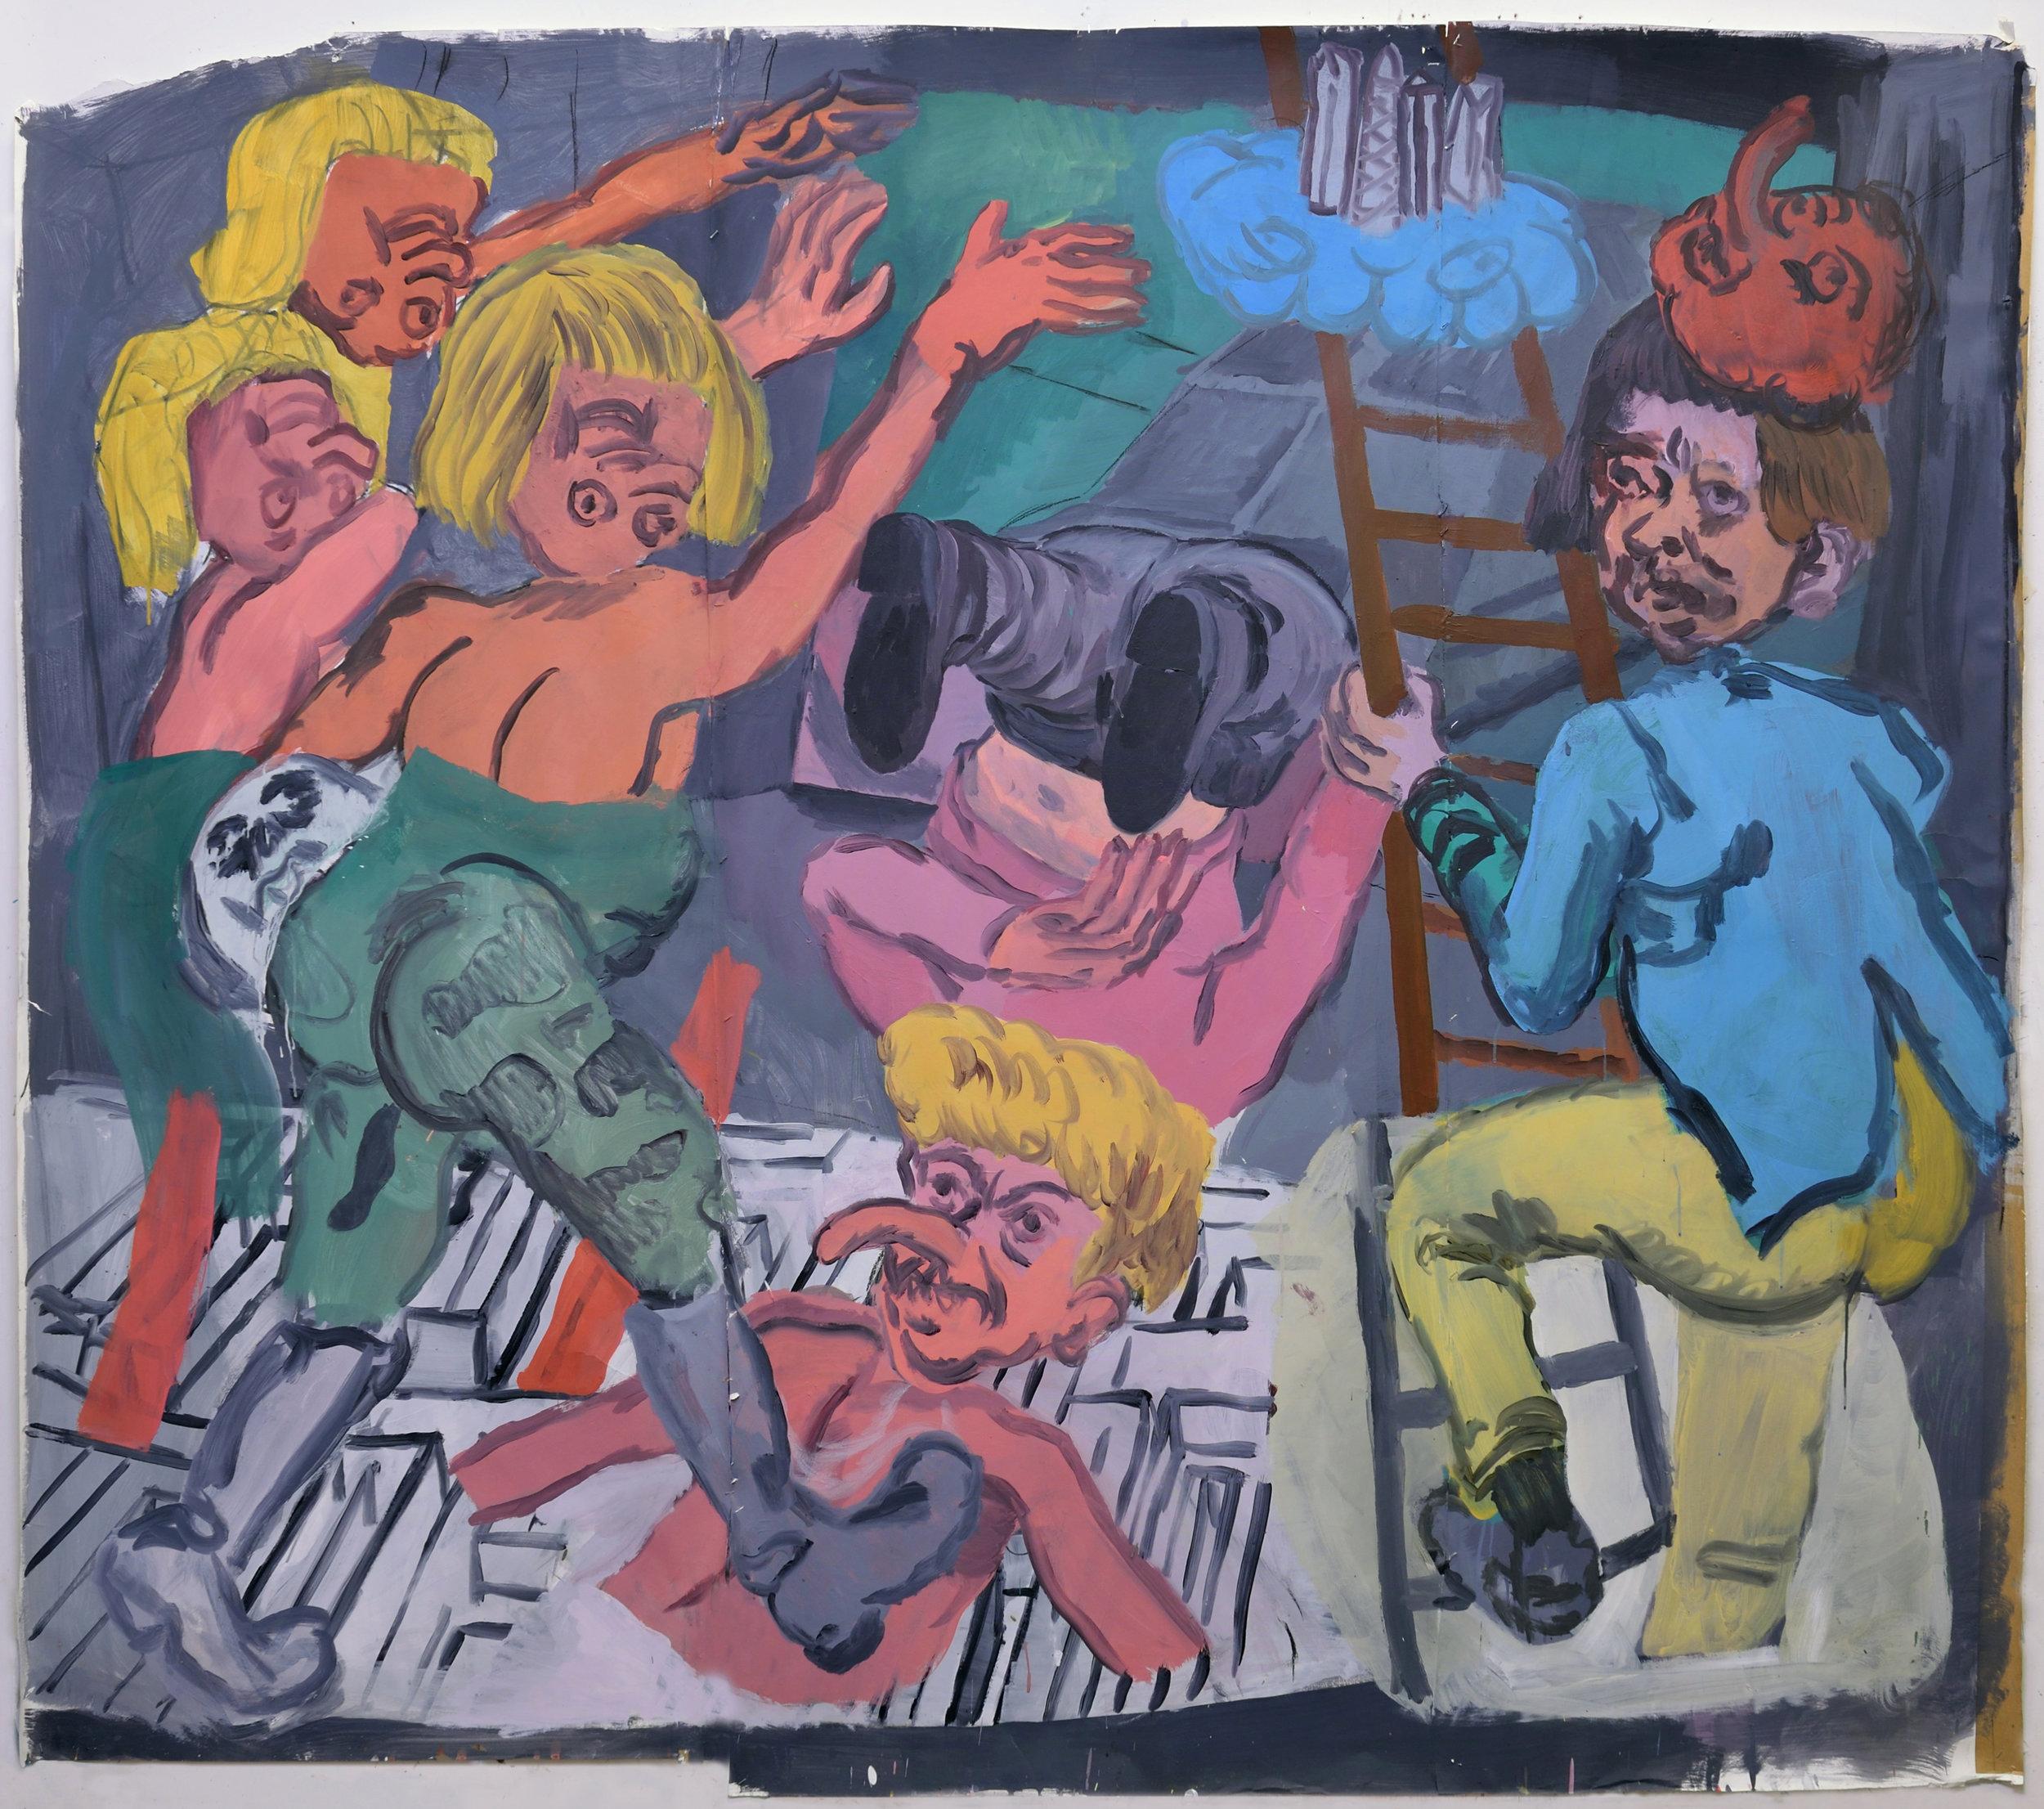 Subir y bajar (rise and fall), 2015. Acrylic on paper. 190 x 230 cm (aprox).JPG